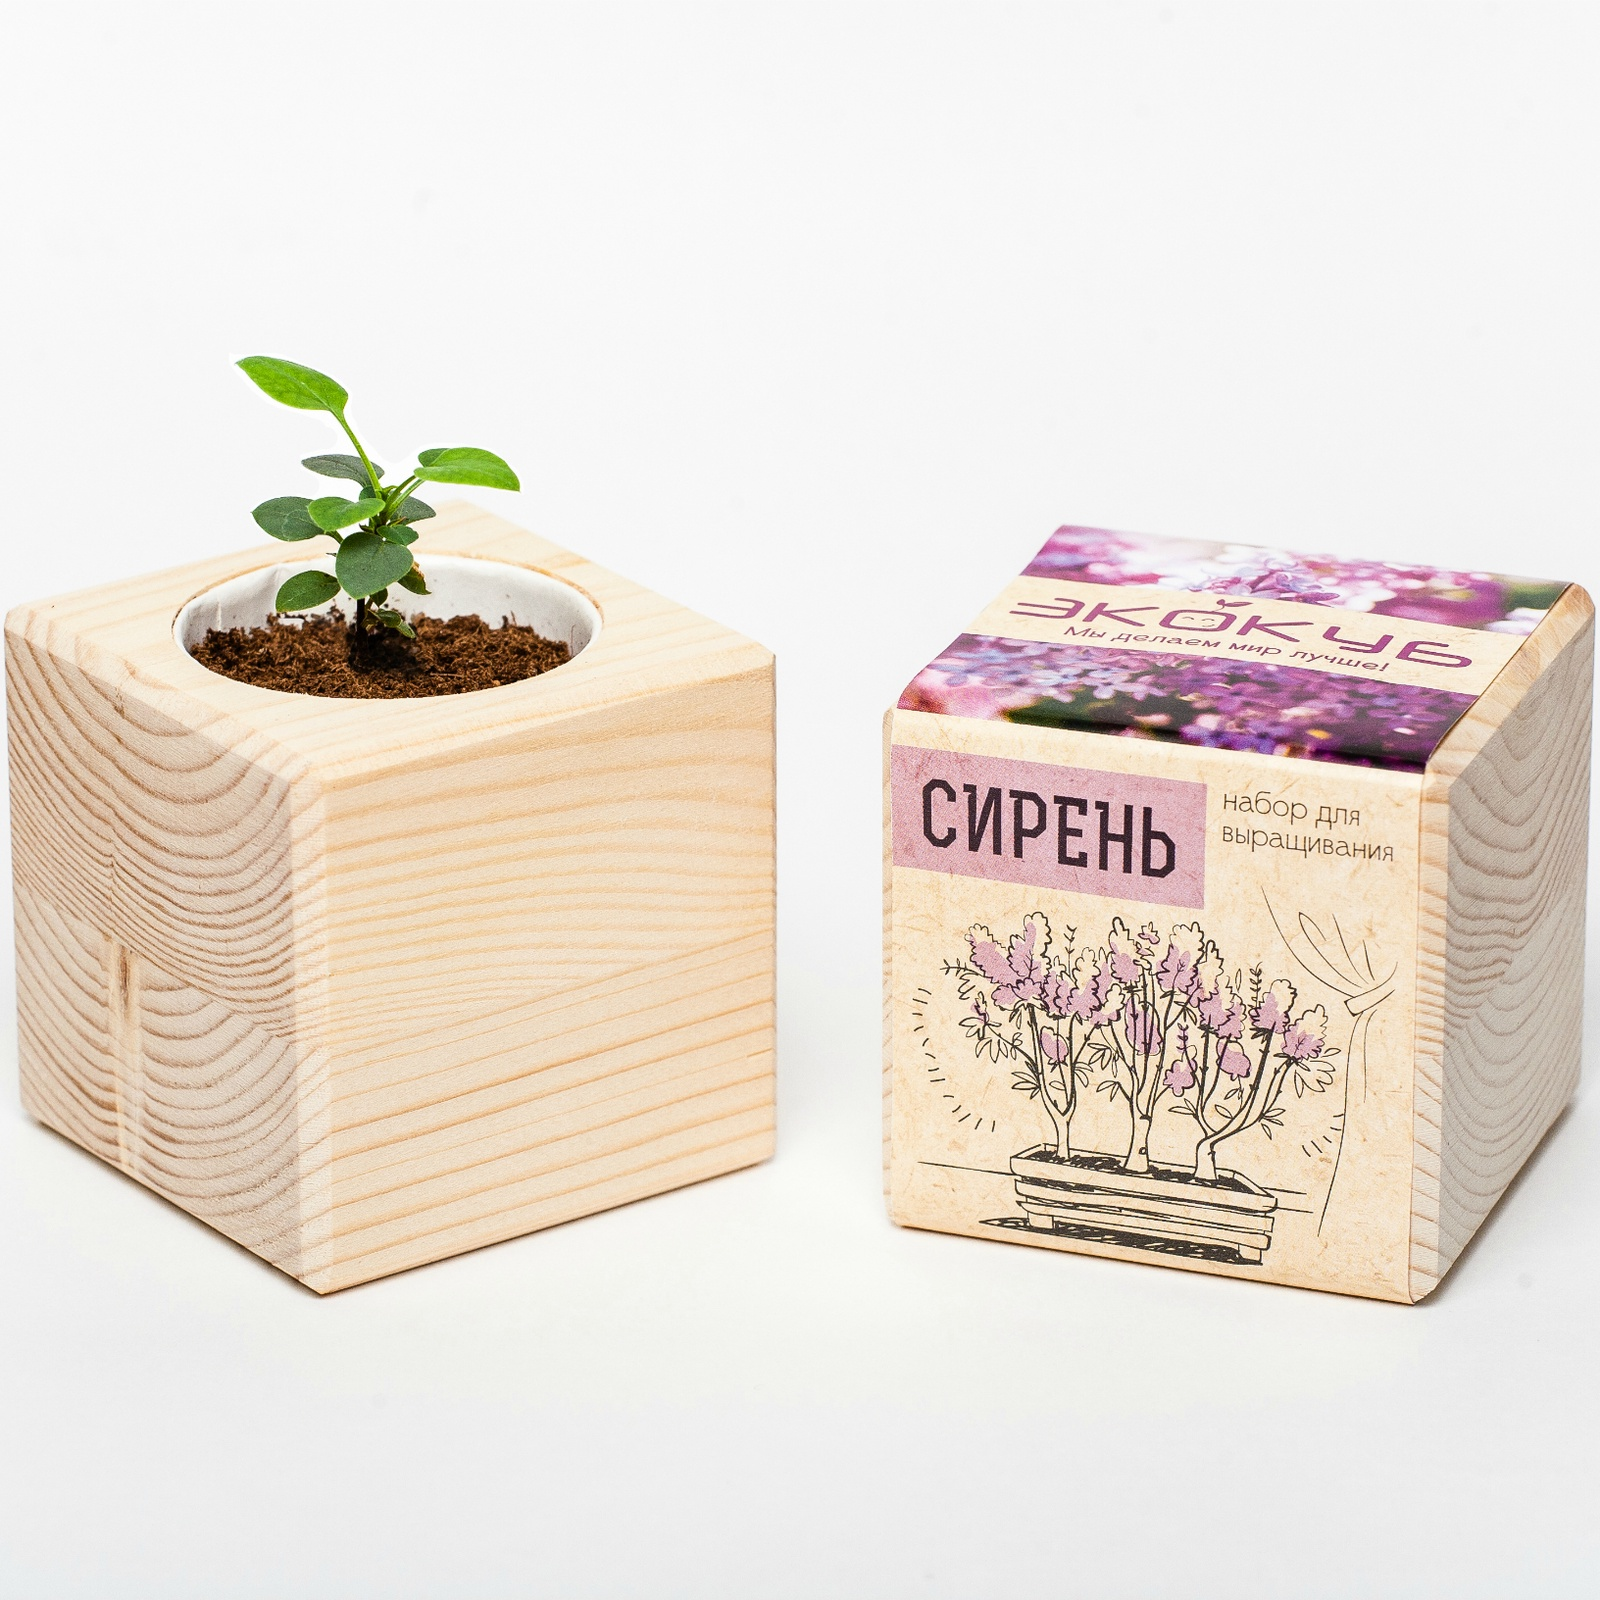 Сувенирный набор ЭЙФОРД Набор для выращивания Экокуб Сирень Венгерская, ECB-01-06, светло-бежевый именной набор для выращивания свадебного дерева